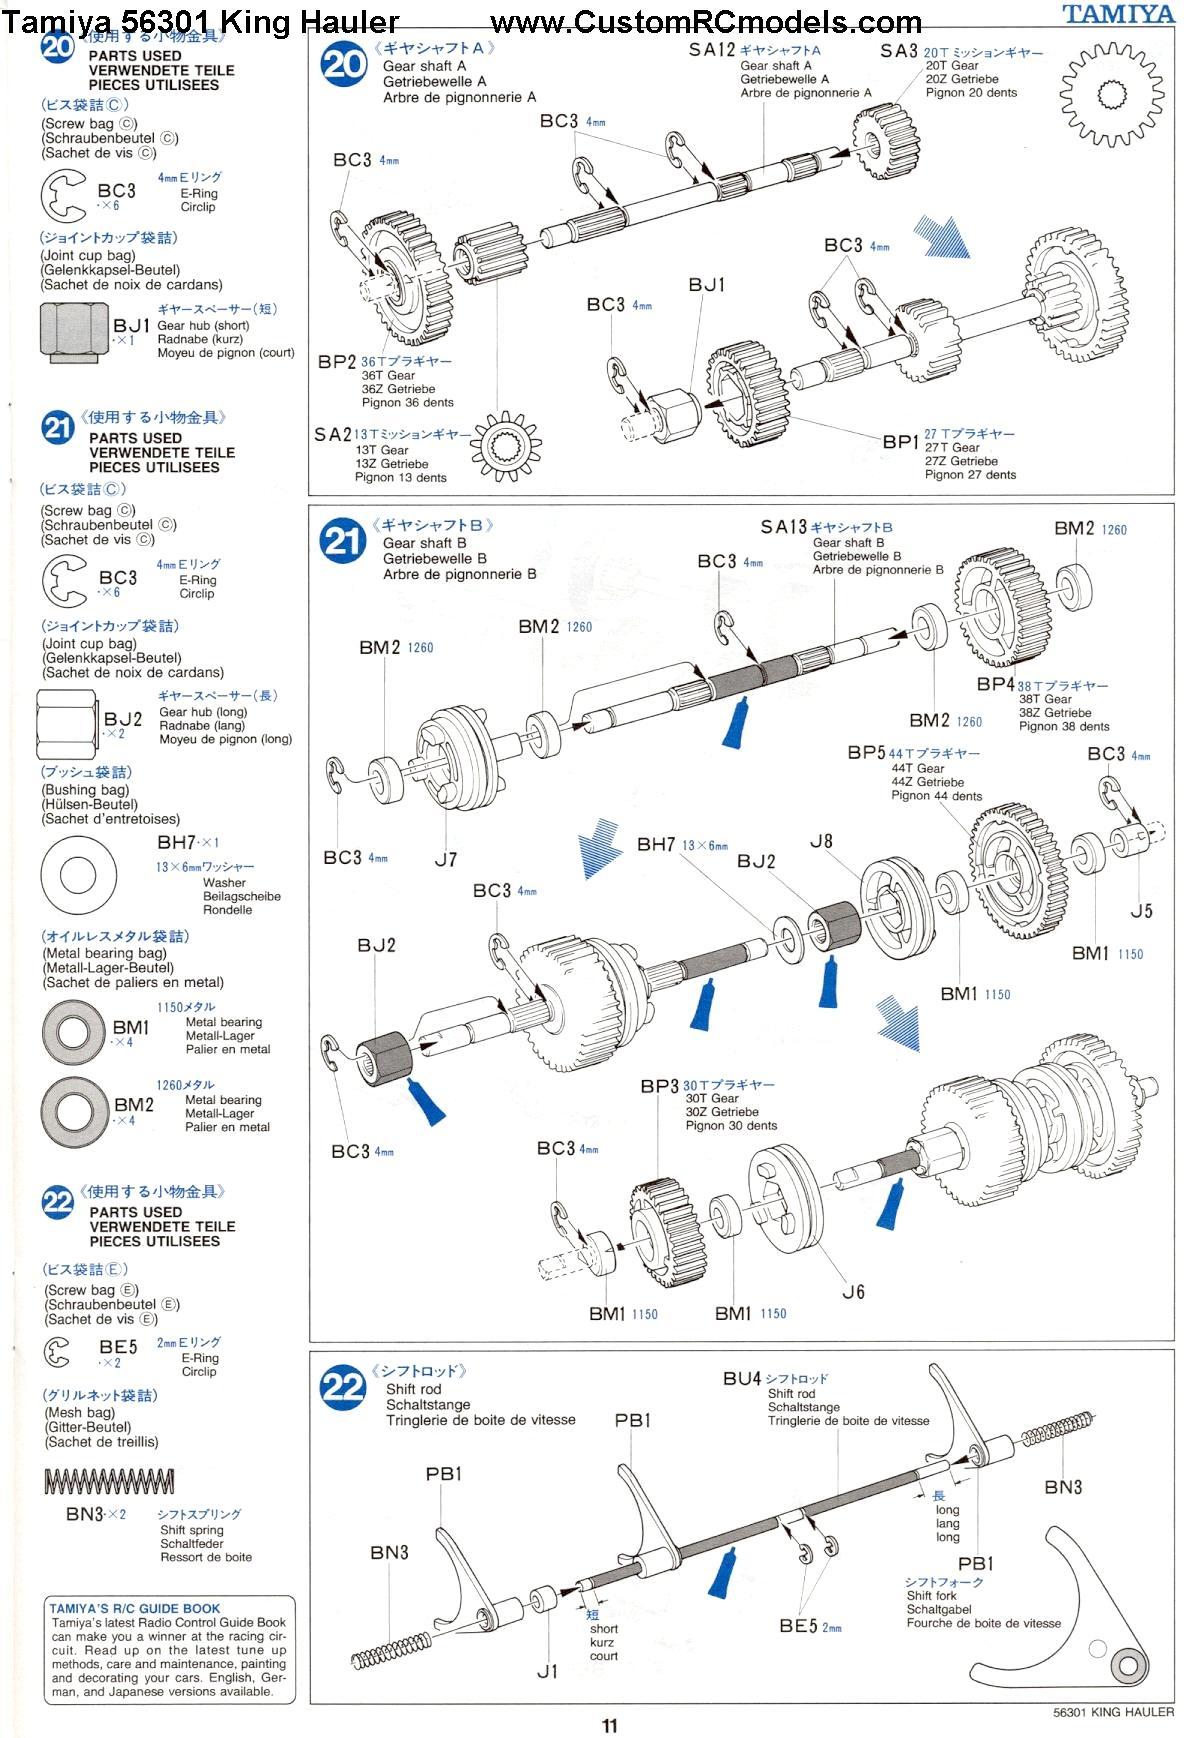 Tamiya 56301 King Hauler manual page 11